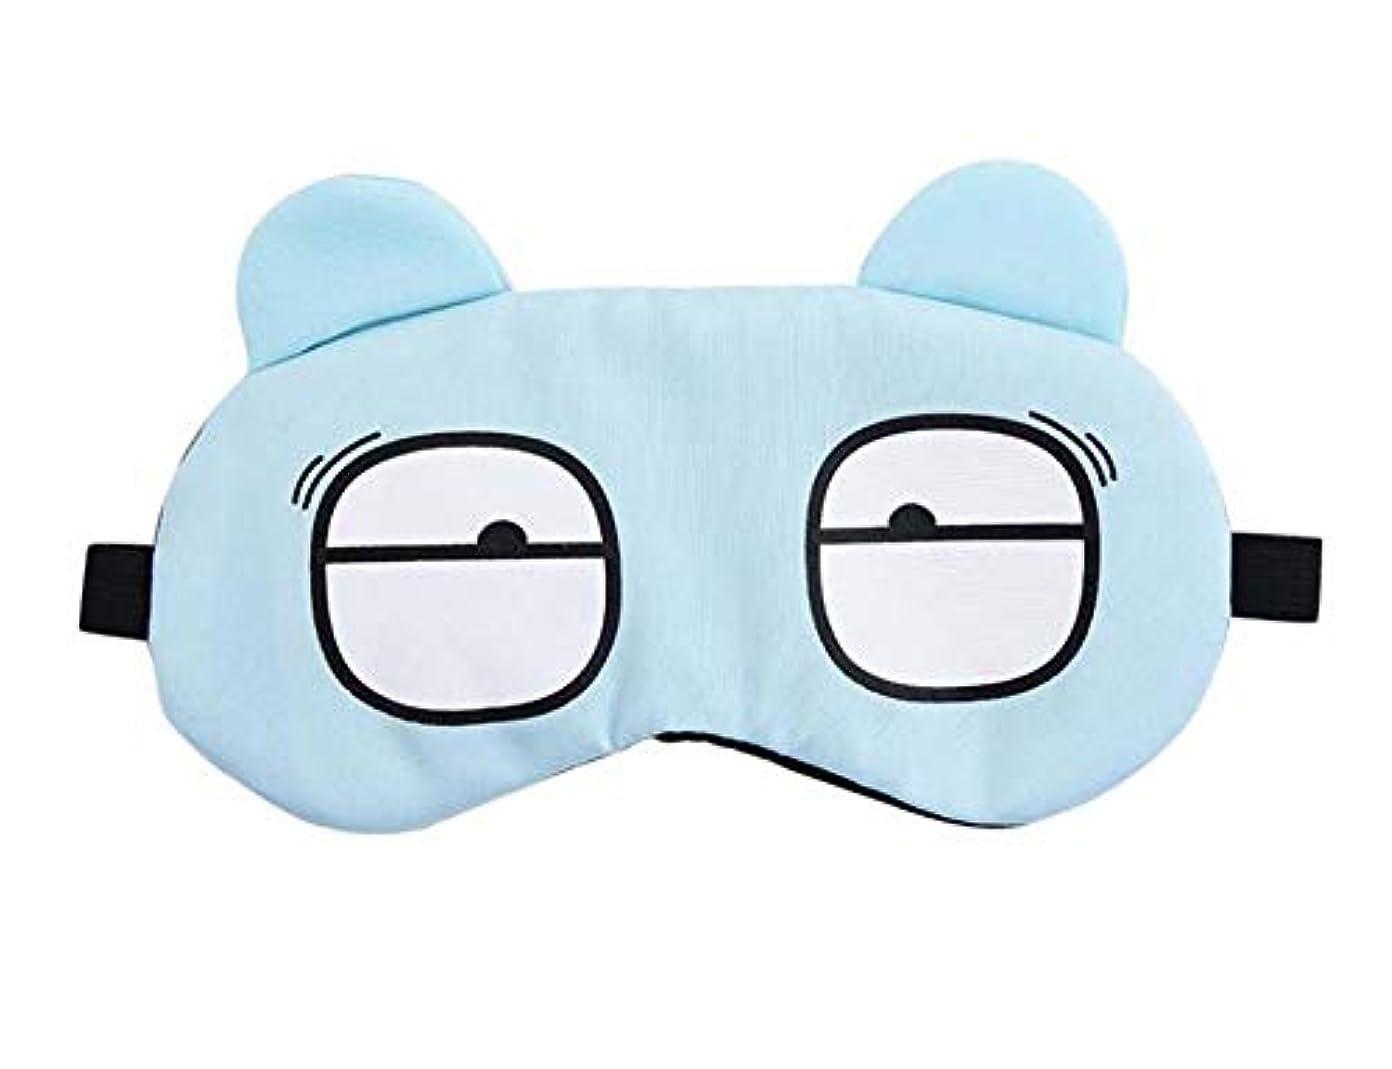 資本観客馬鹿げたラブリー快適な睡眠マスクトラベルアイマスク、漫画ファニーアイマスク